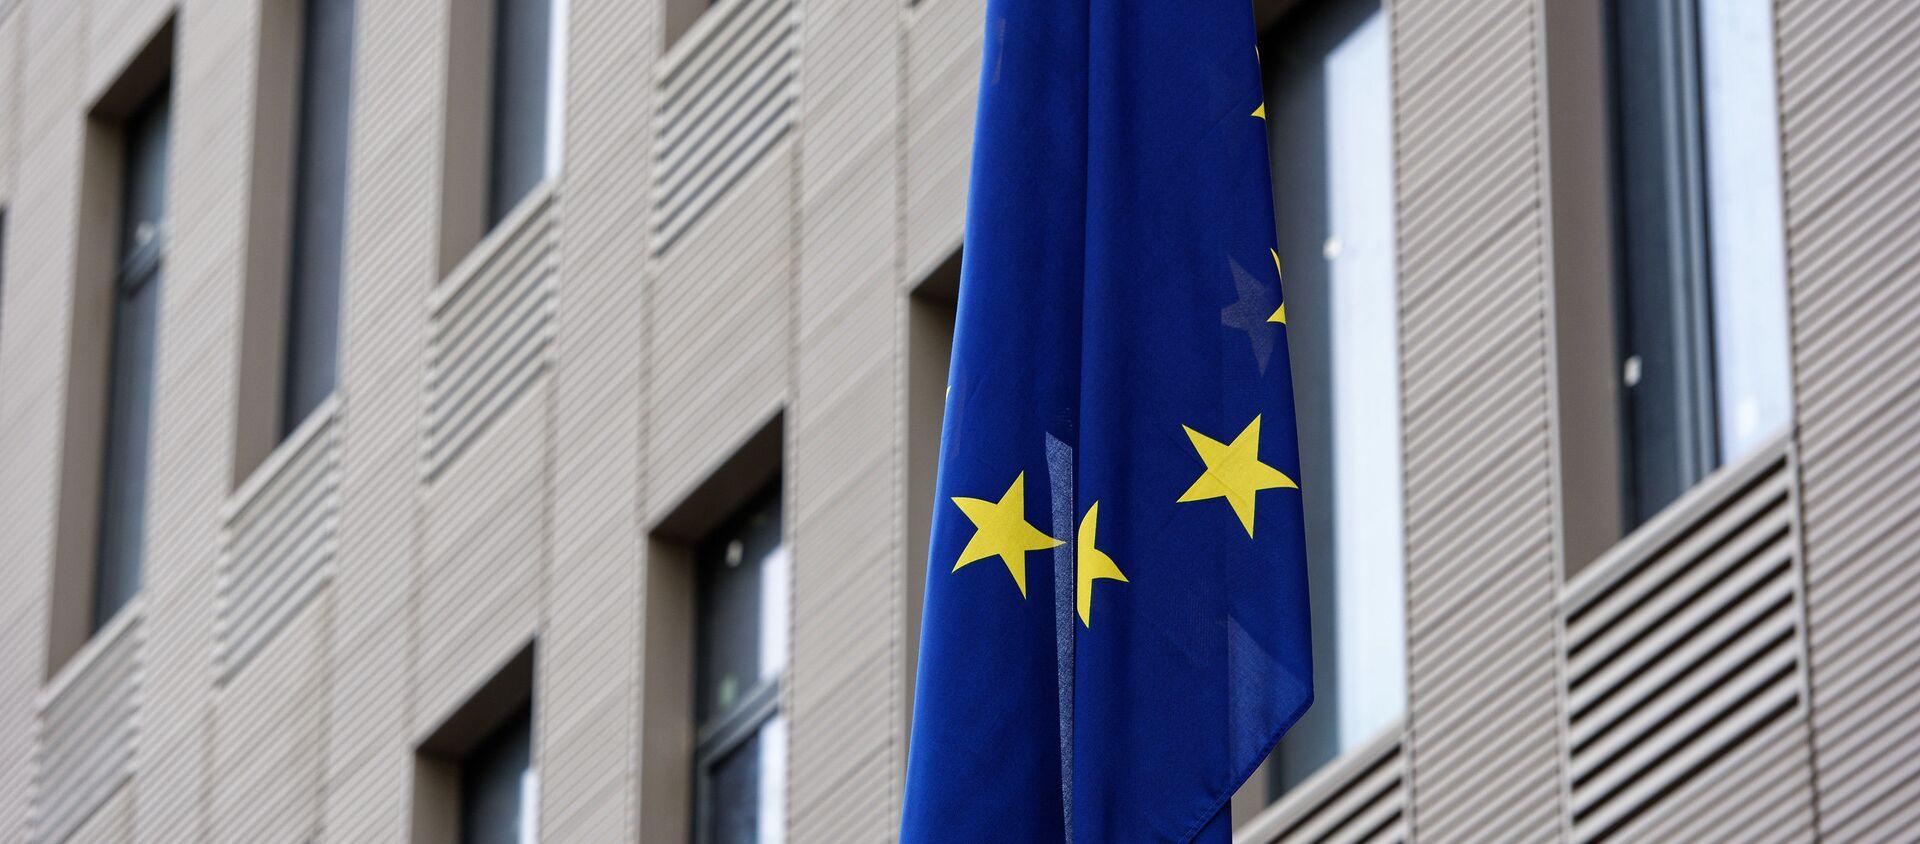 Представительство ЕС в Грузии  - Sputnik Грузия, 1920, 07.07.2021